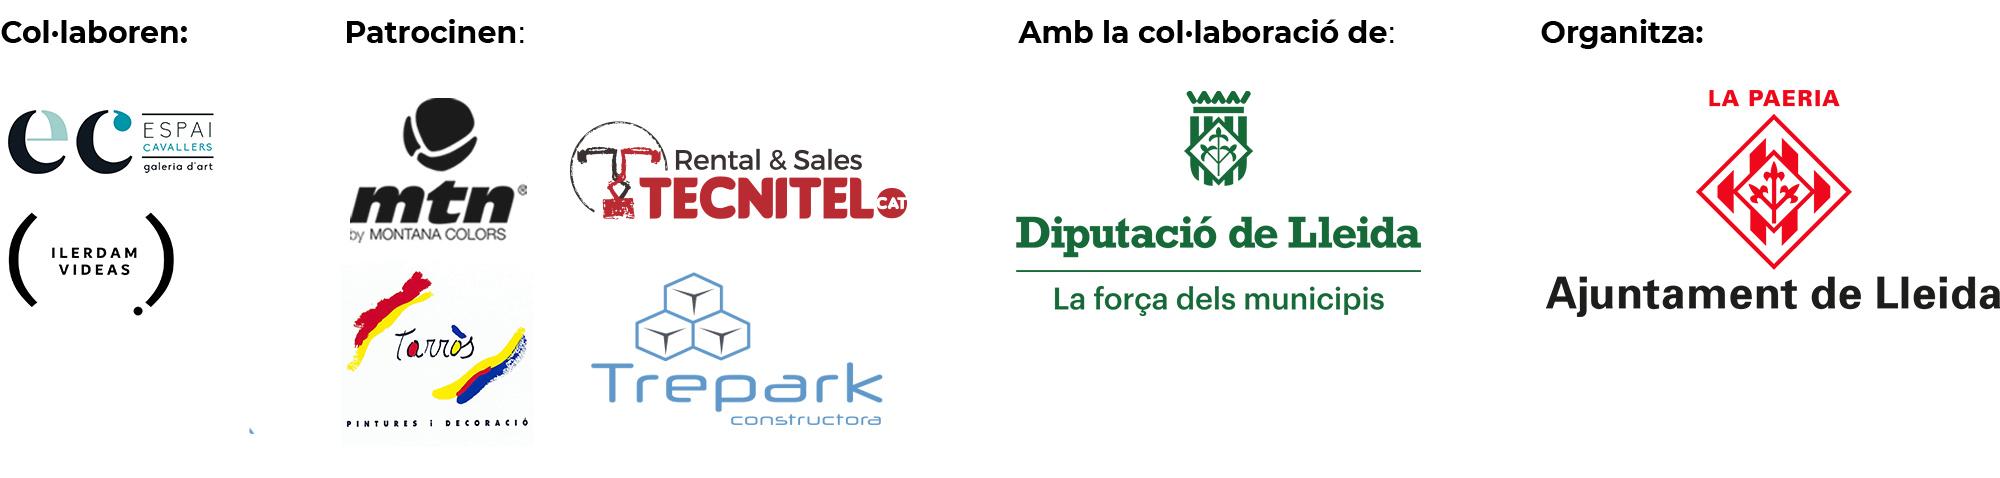 patrocinadors_catala